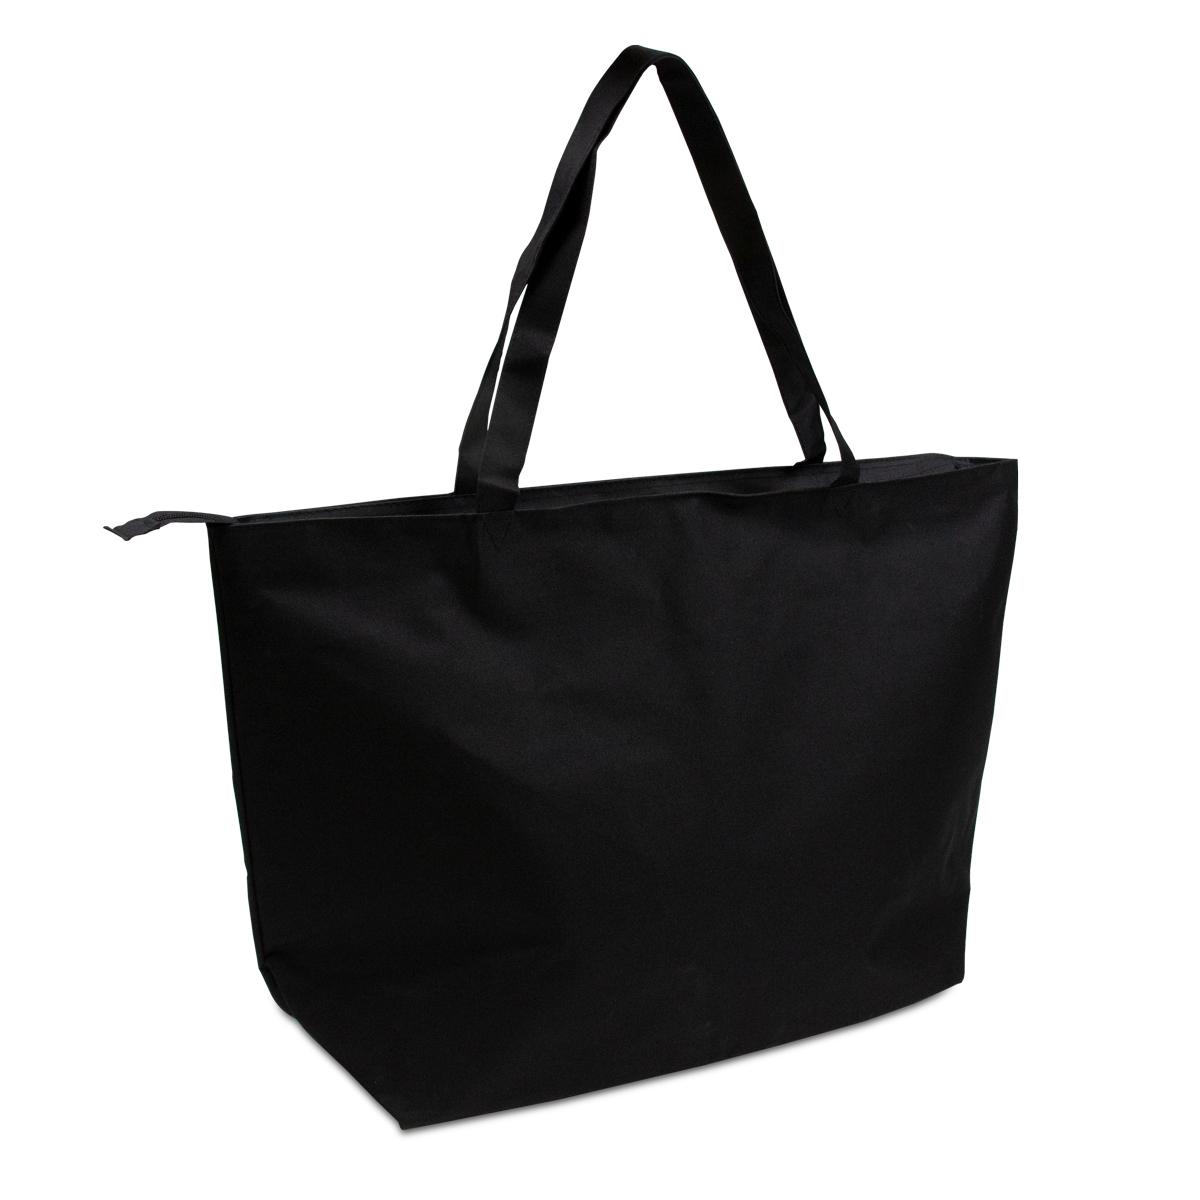 XXLshoppingbag-product